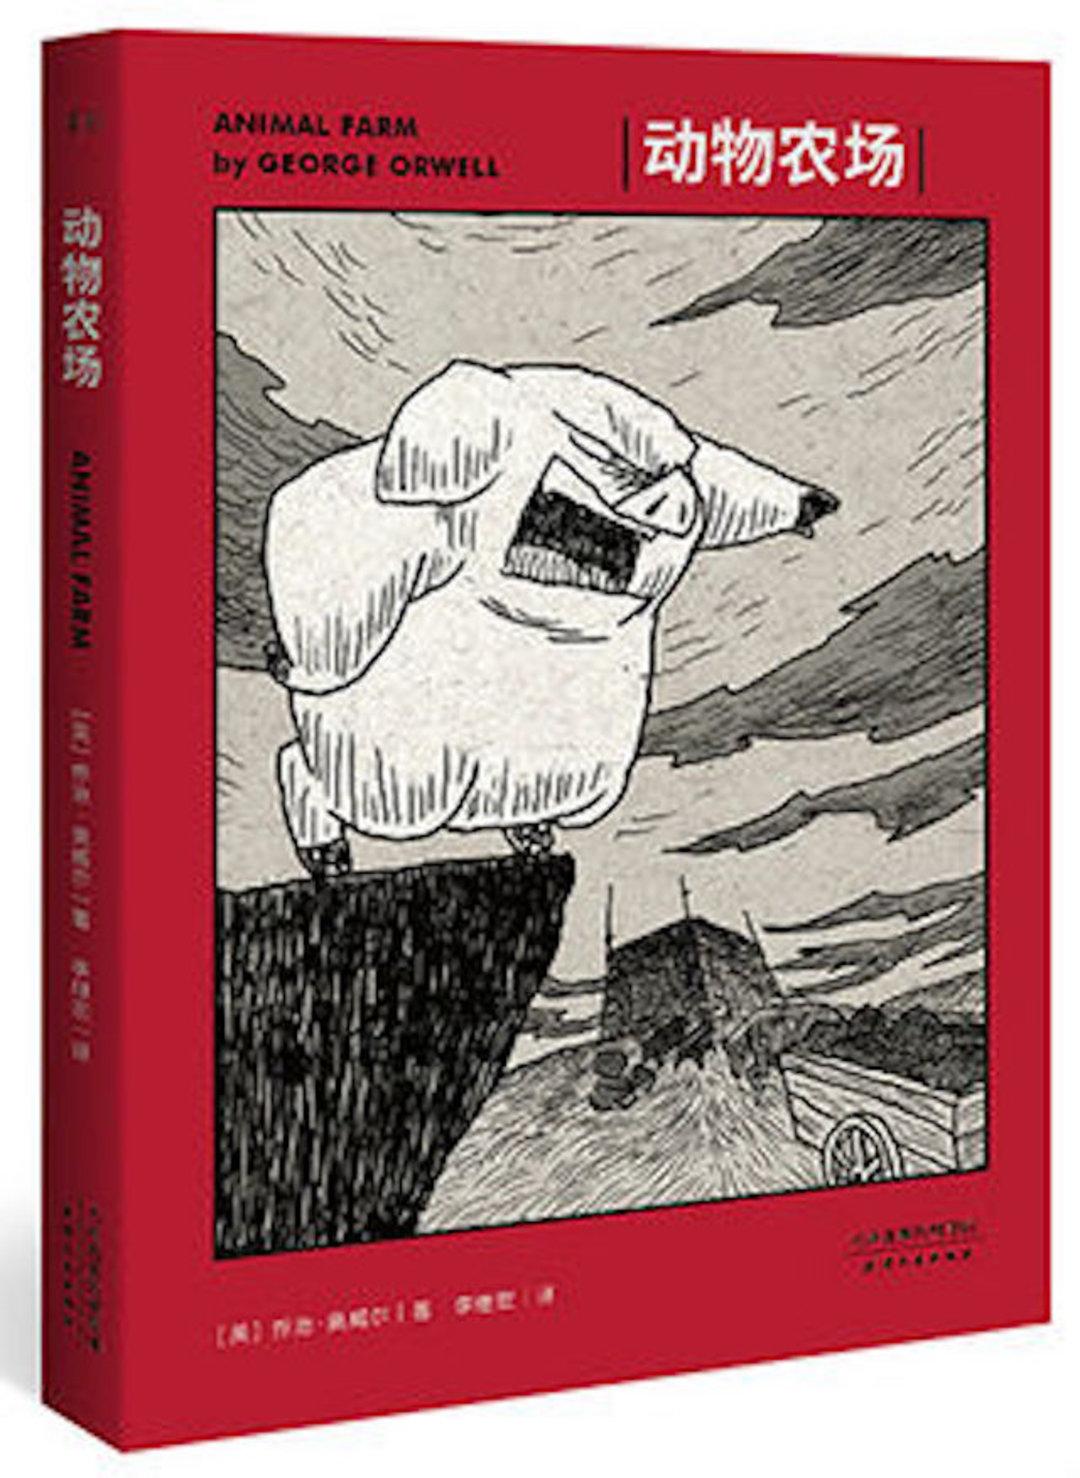 做 T 恤的前《三联生活周刊》记者王小峰,最近都在想什么?| 访谈录⑥_文化_好奇心日报